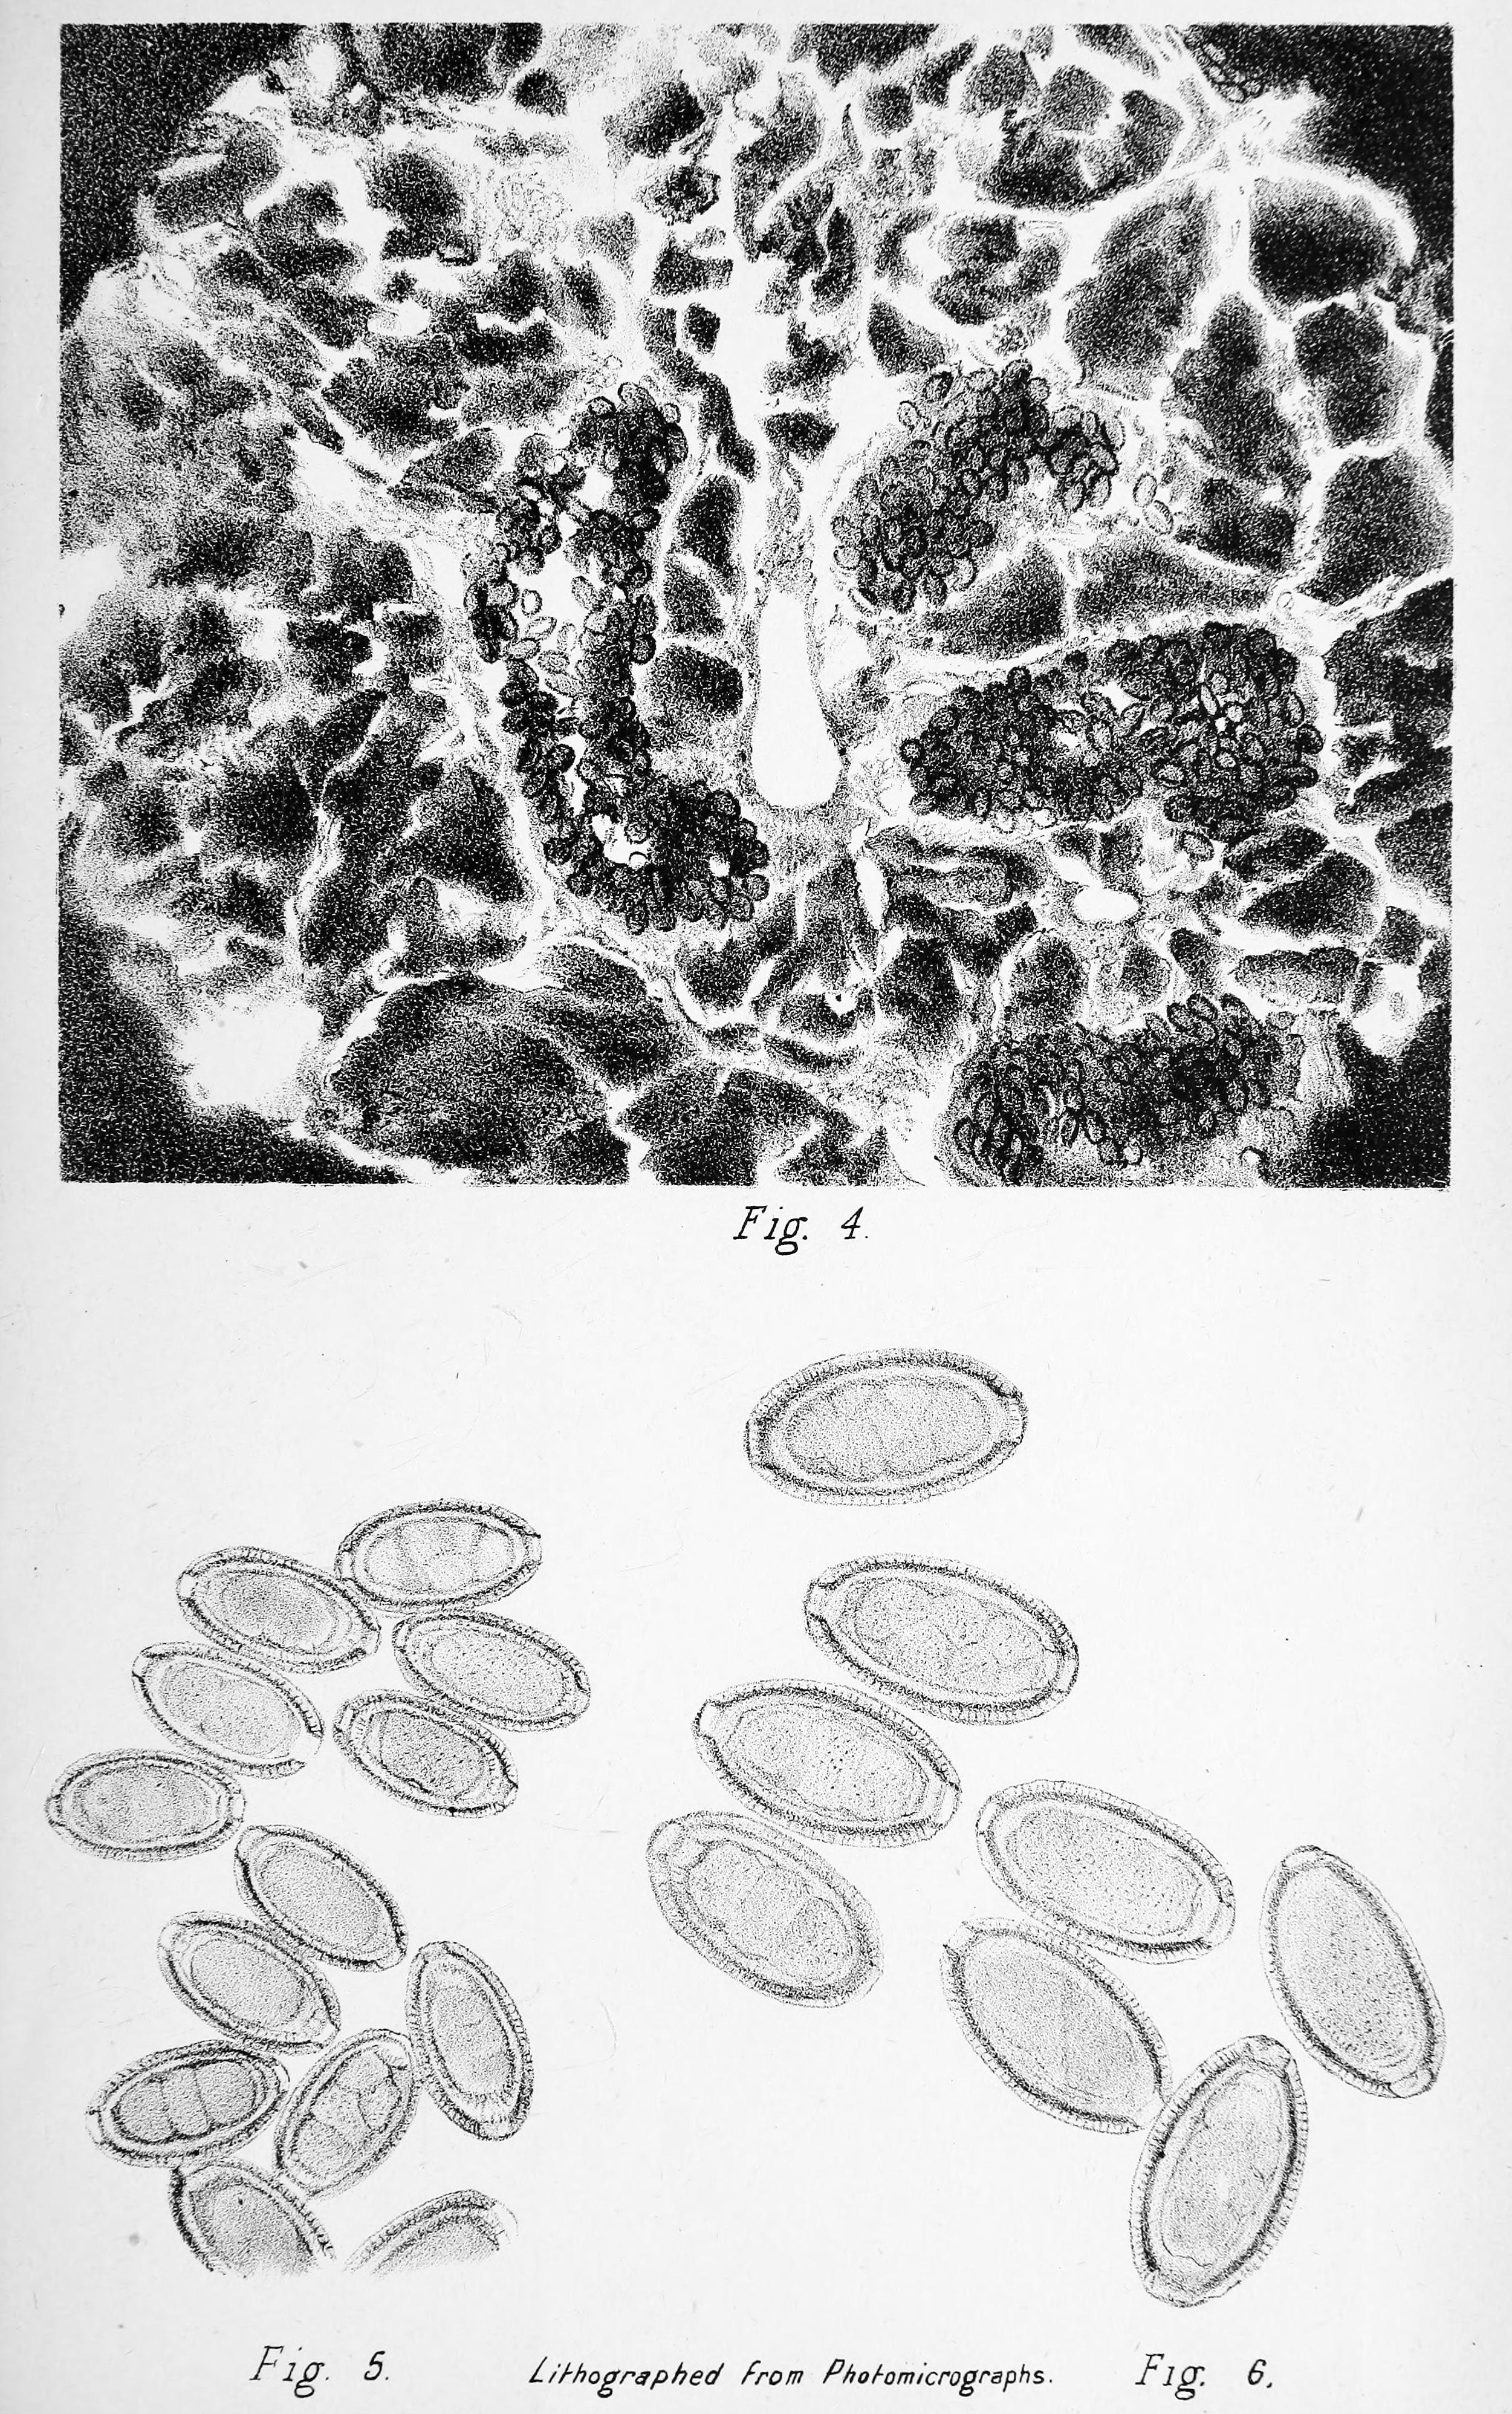 trichocephalosis hogyan néz ki